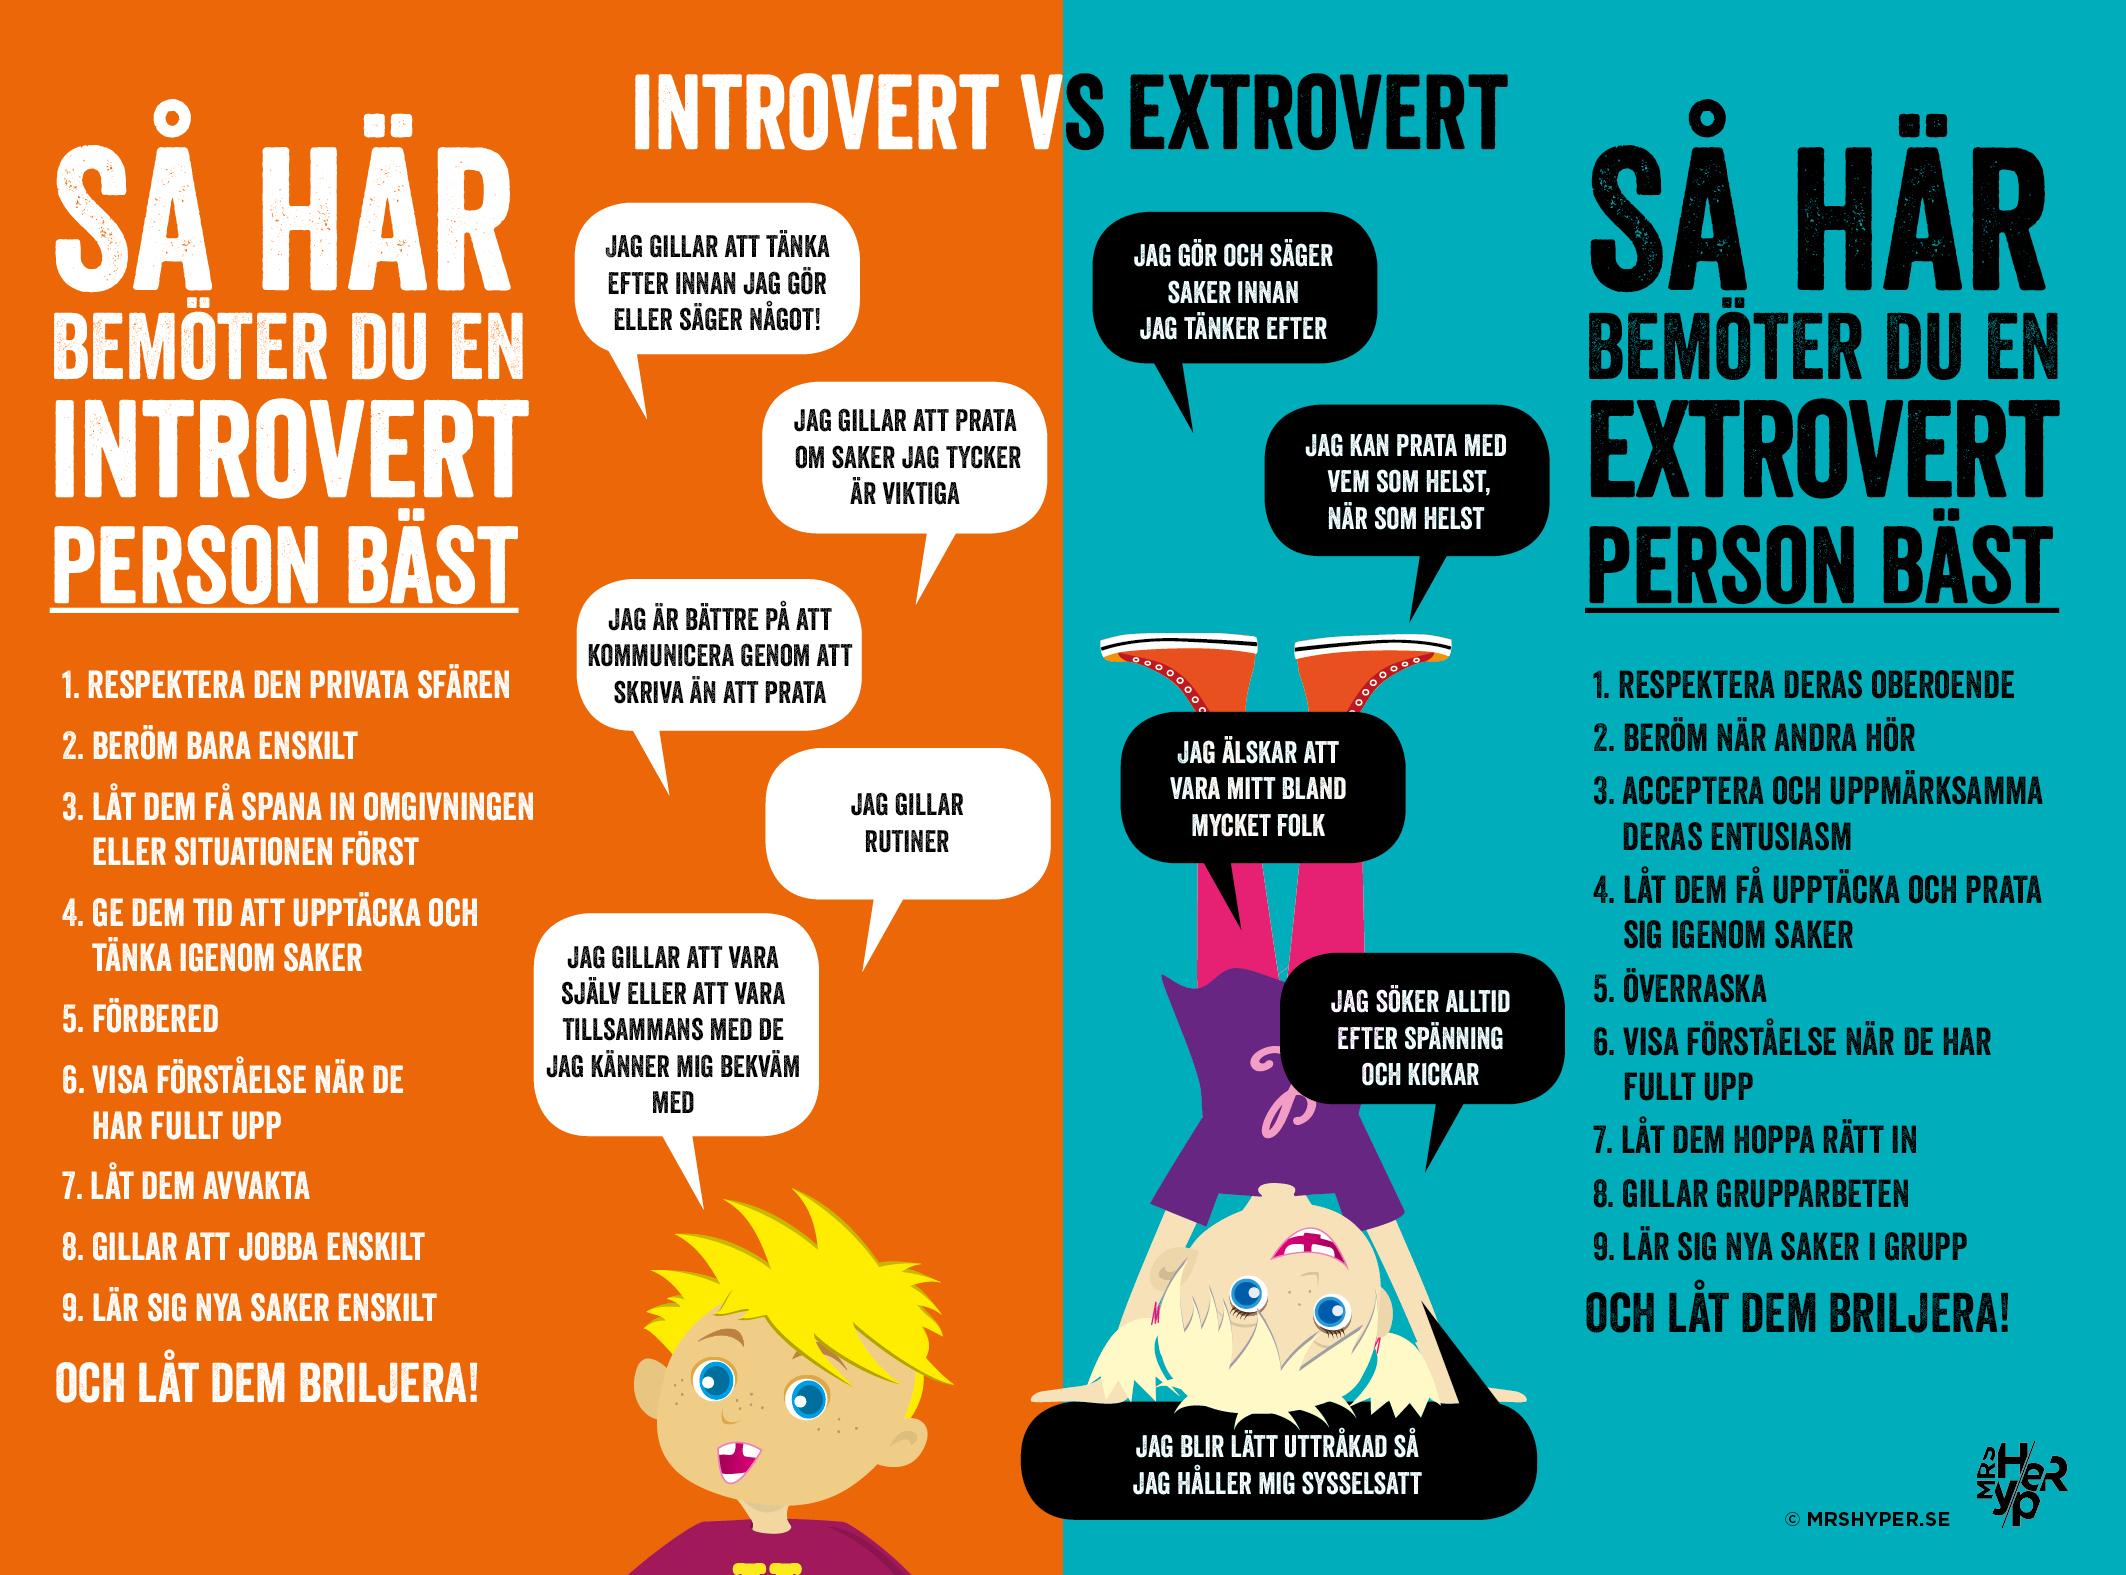 Introvert vs Extrovert – 2018